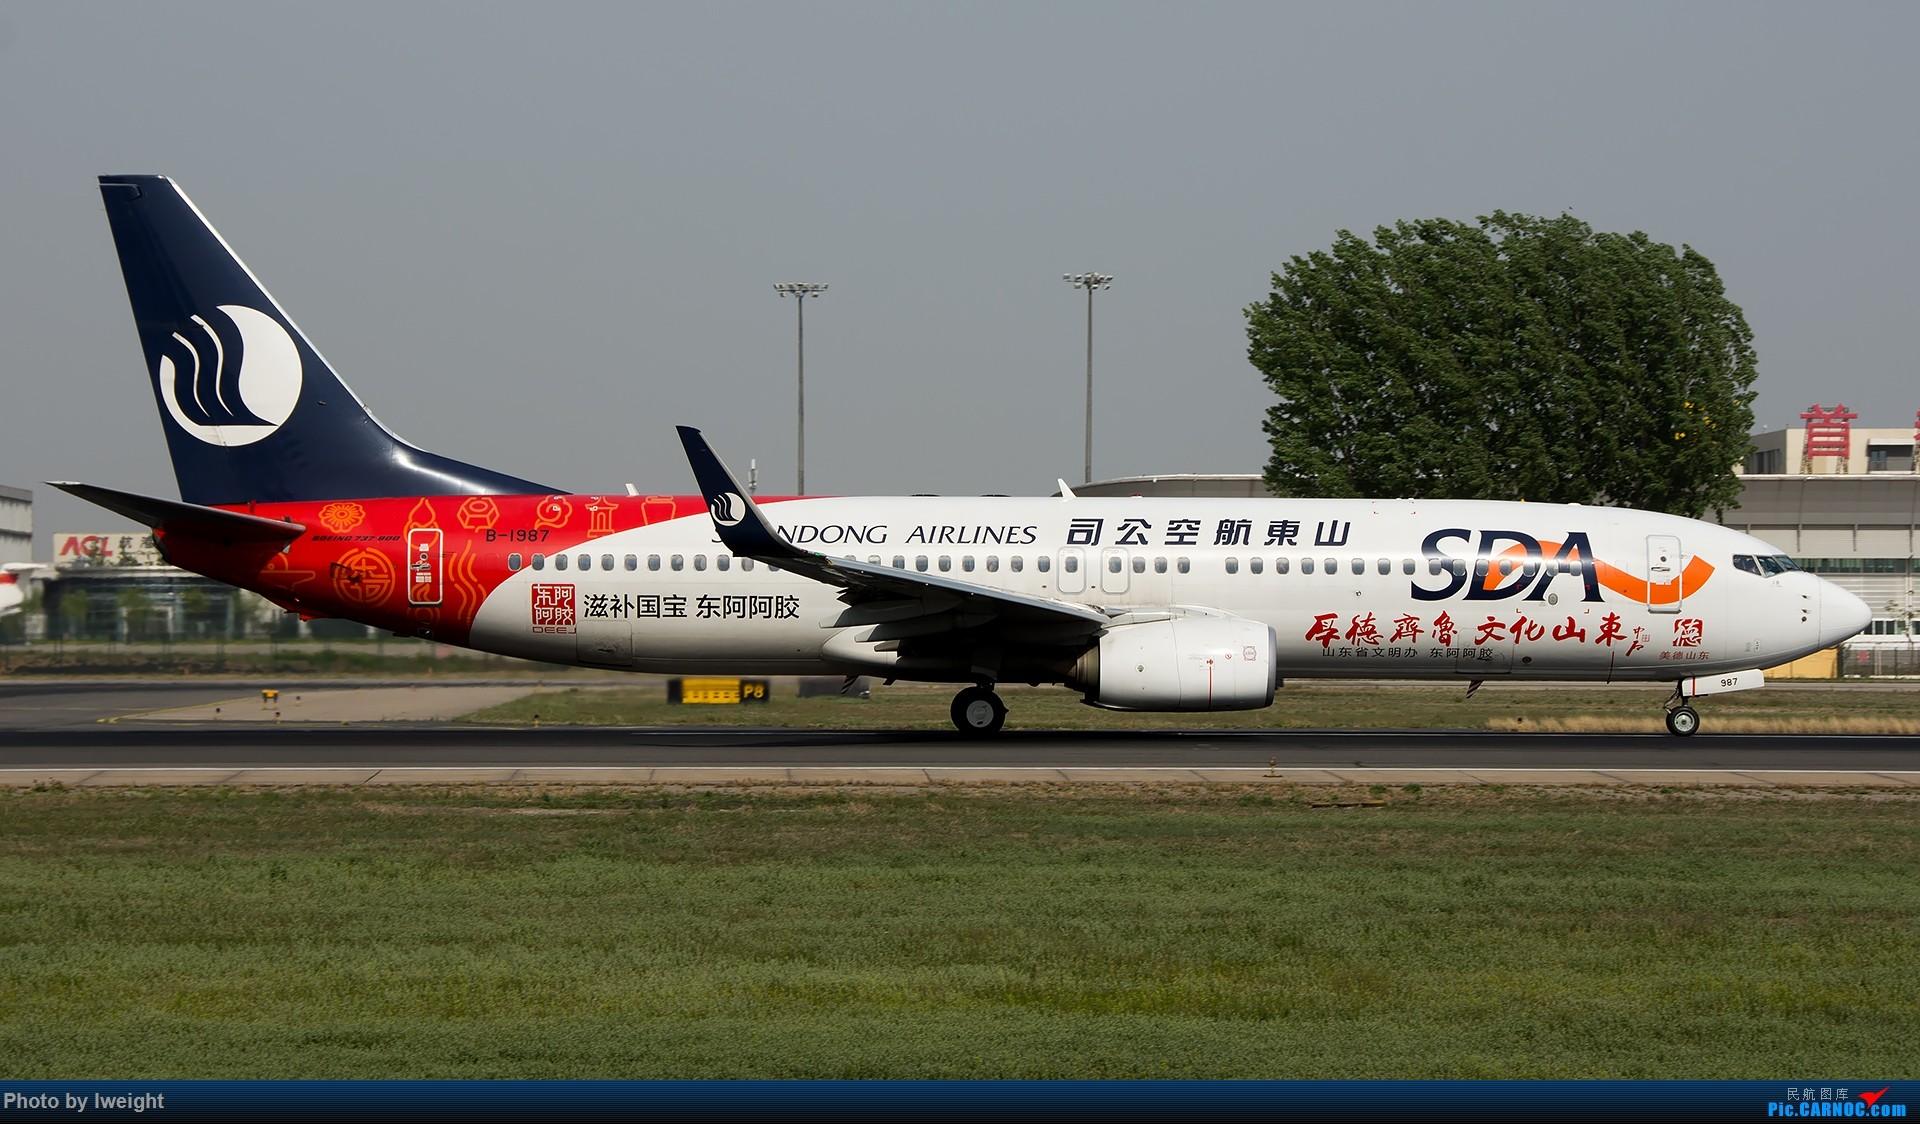 Re:[原创]天气晴朗,继续守候18R【多图】 BOEING 737-800 B-1987 中国北京首都国际机场